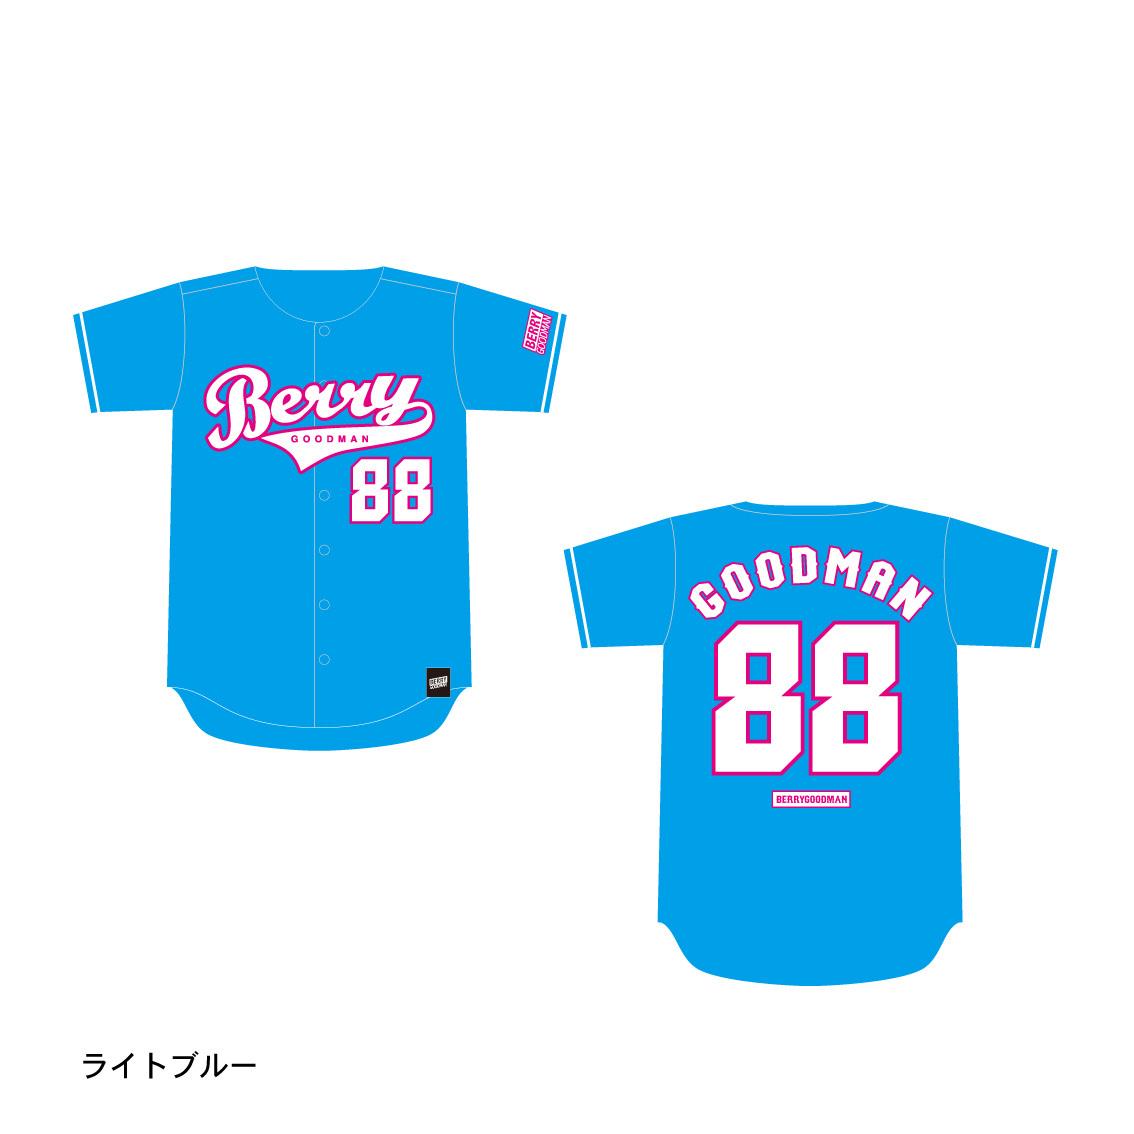 ベースボールシャツ 2019